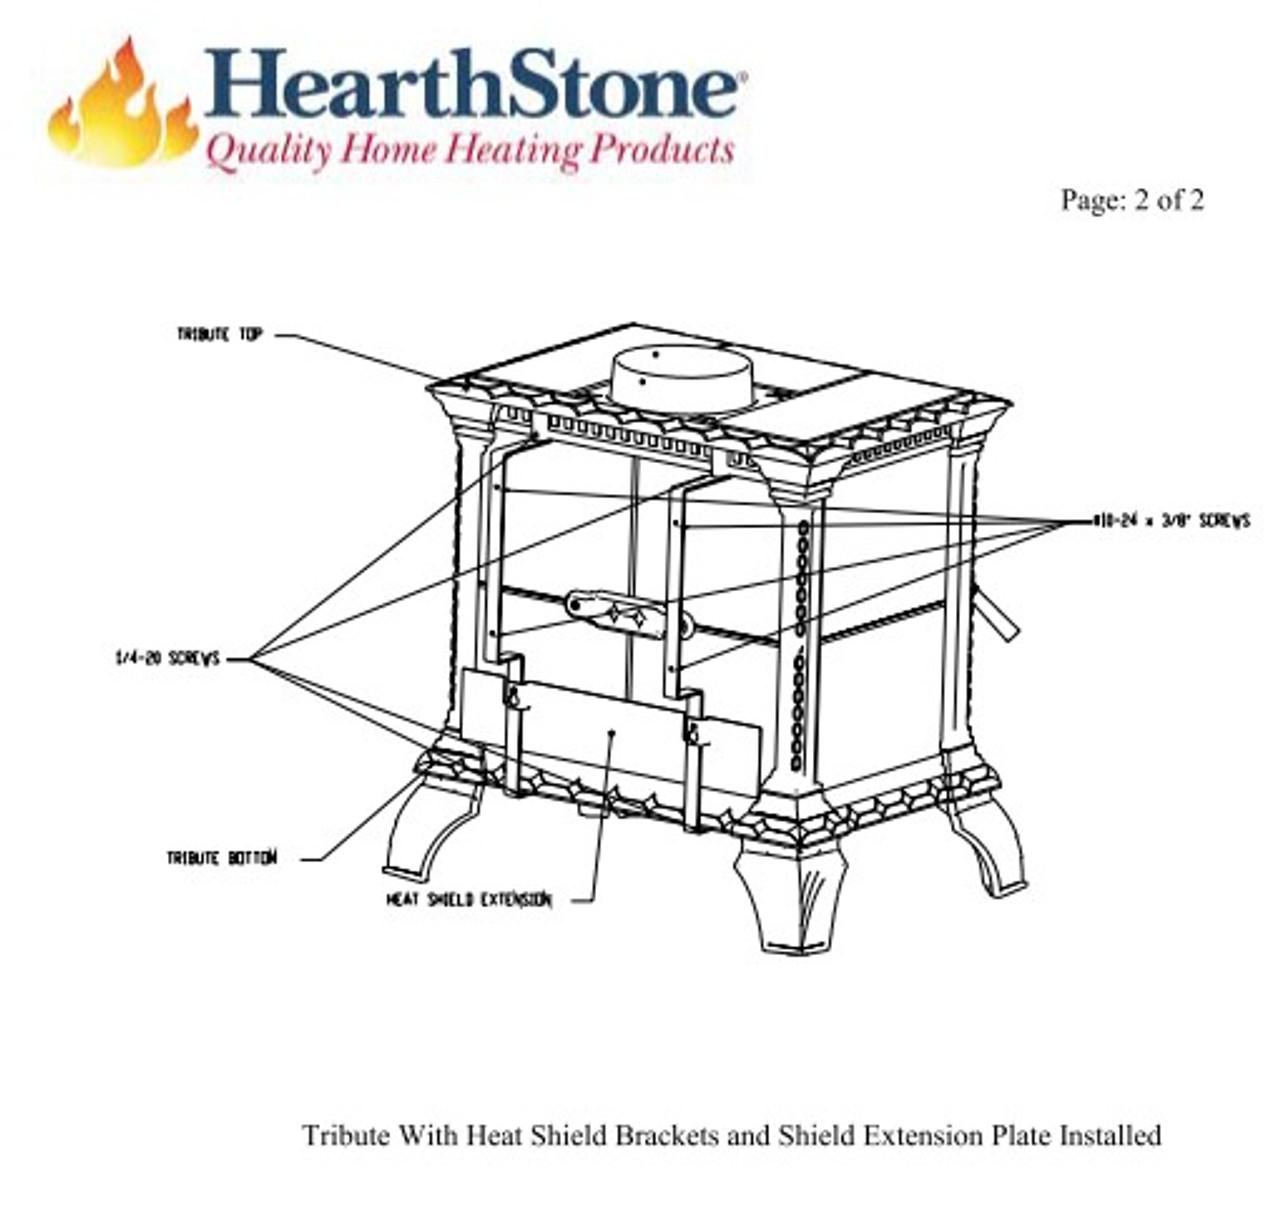 HearthStone Tribute Rear Heat Shield